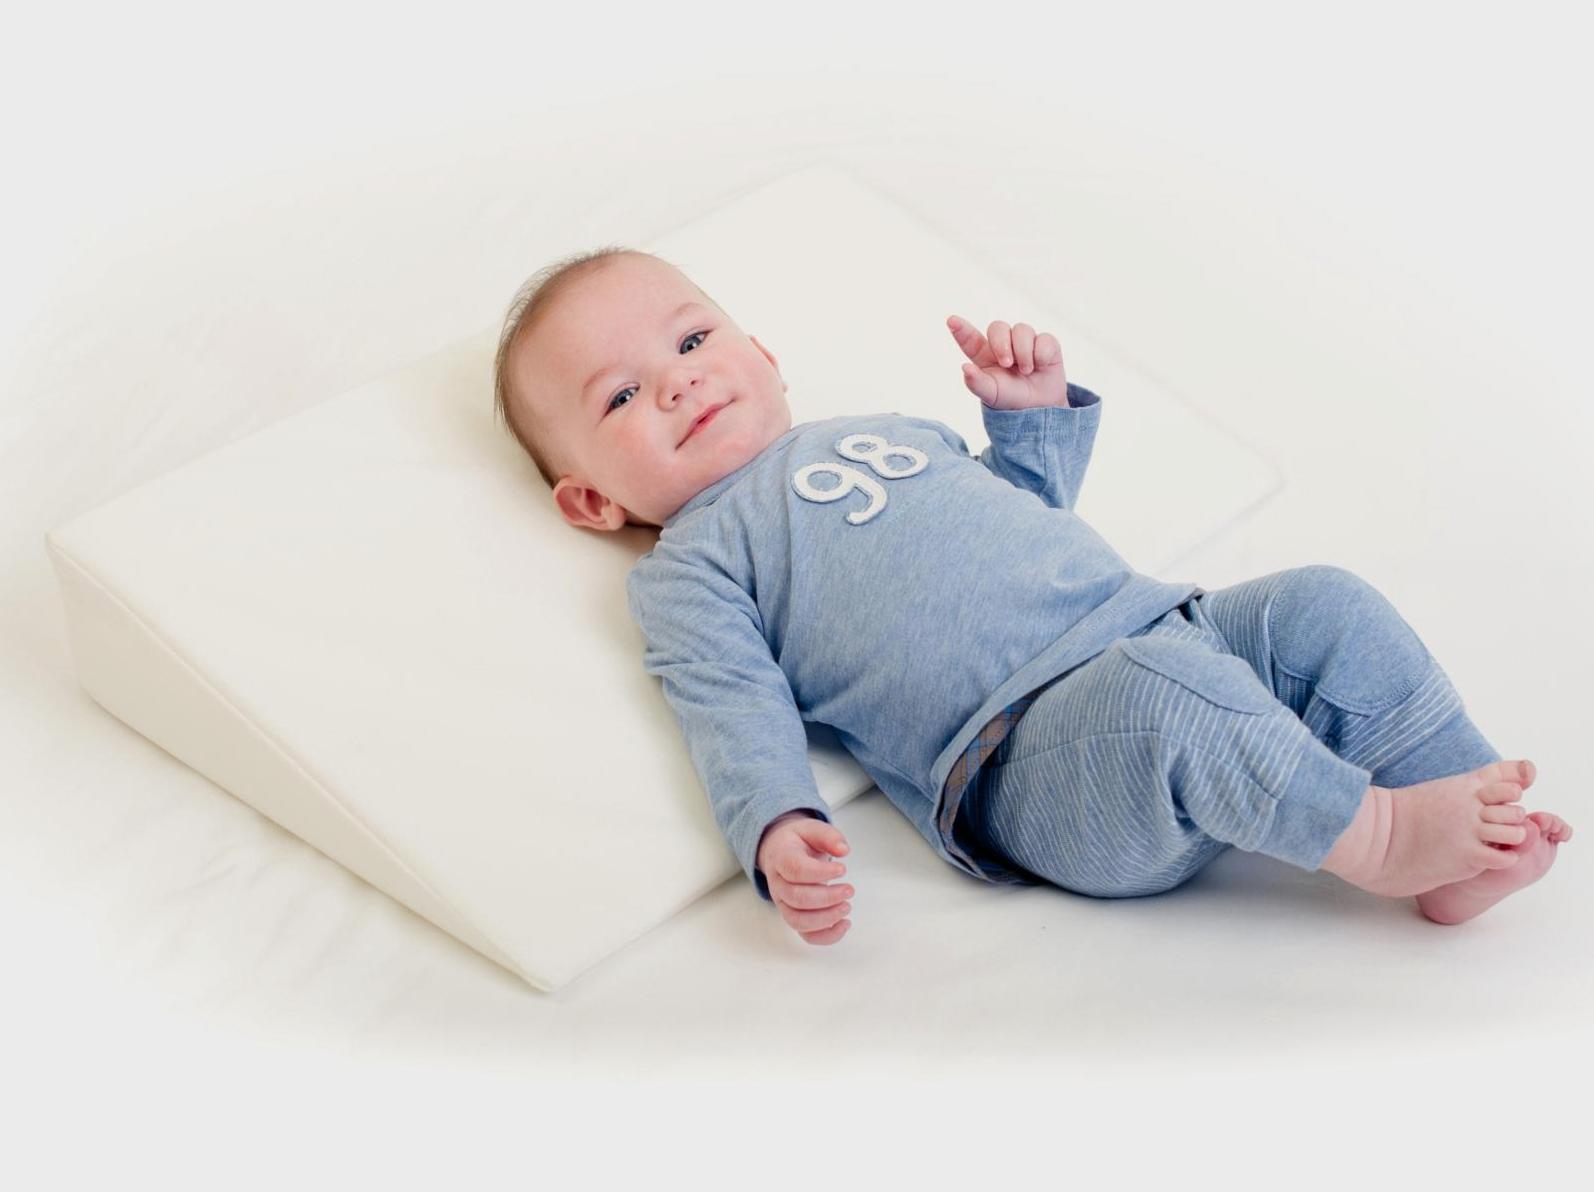 подушка для новорожденного варианты